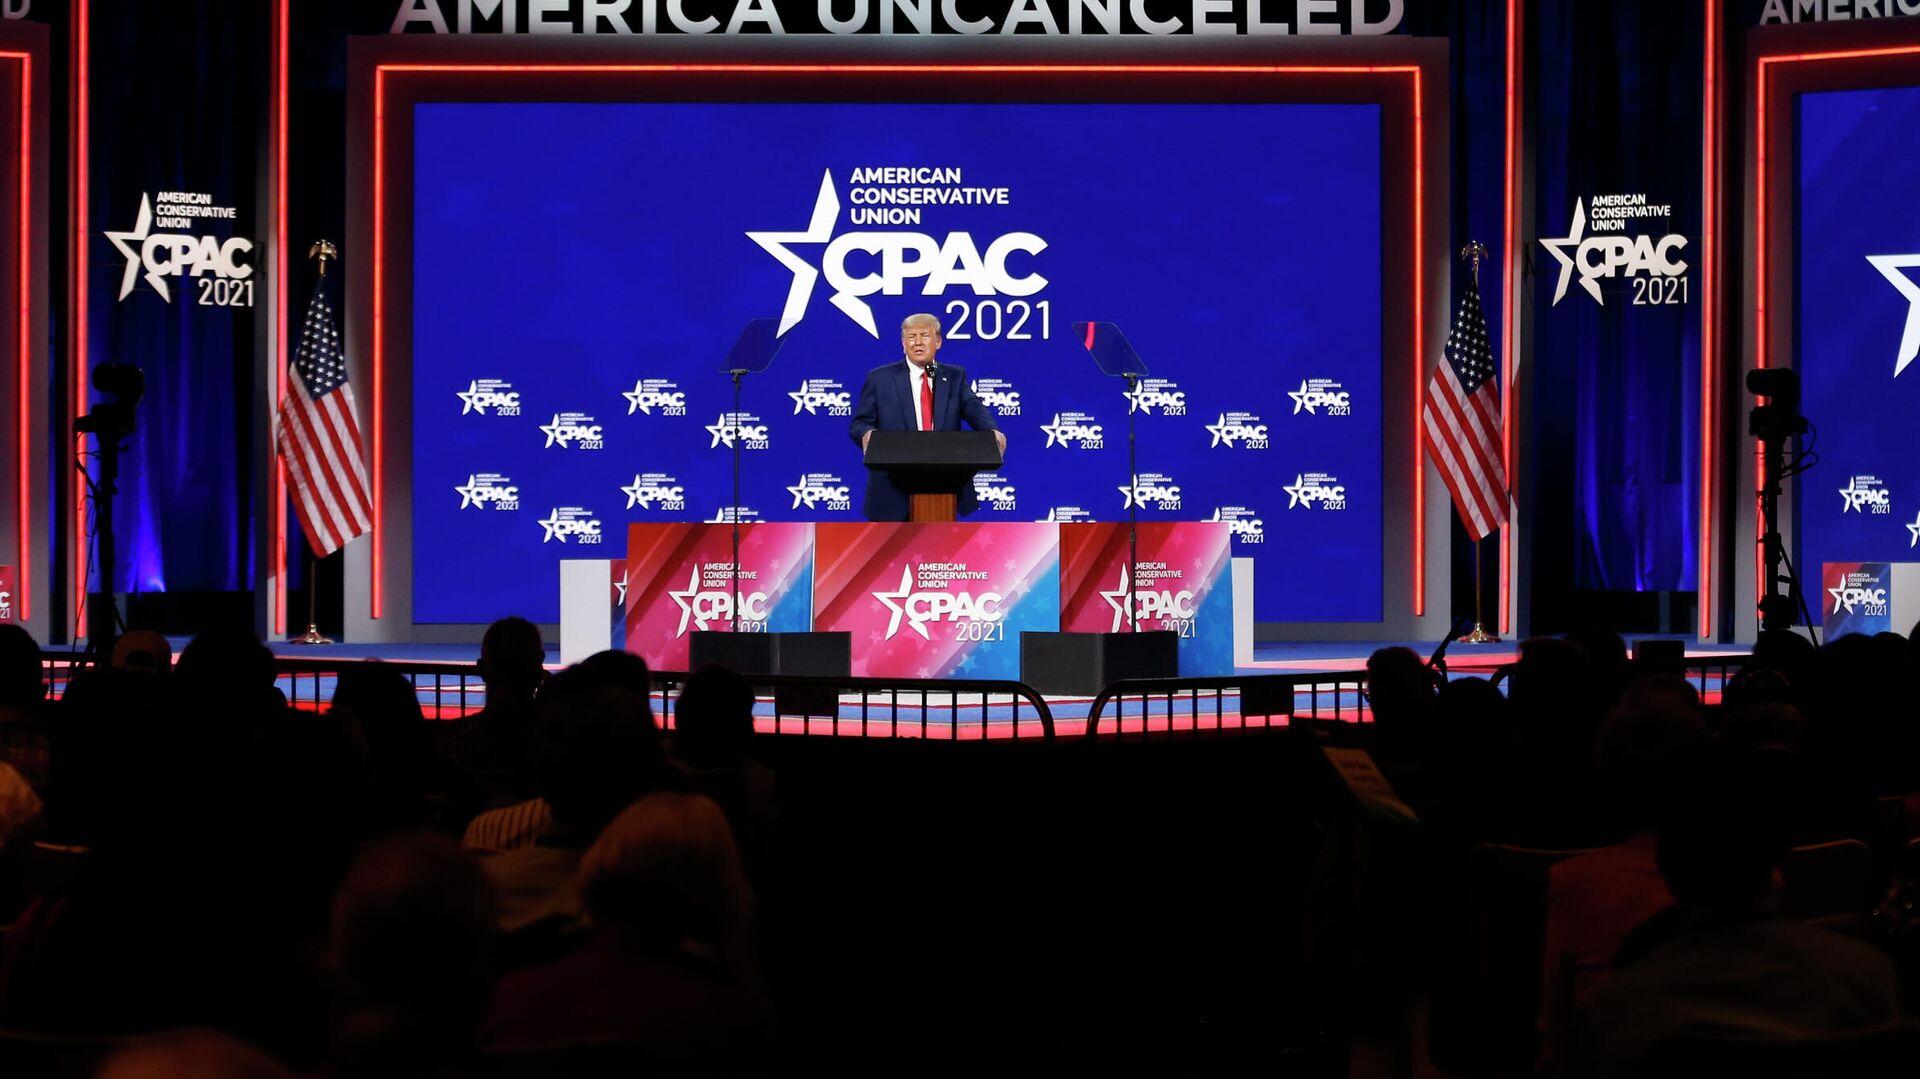 Бывший президент США Дональд Трамп на конференции консервативных политических партий в Орландо - РИА Новости, 1920, 02.03.2021